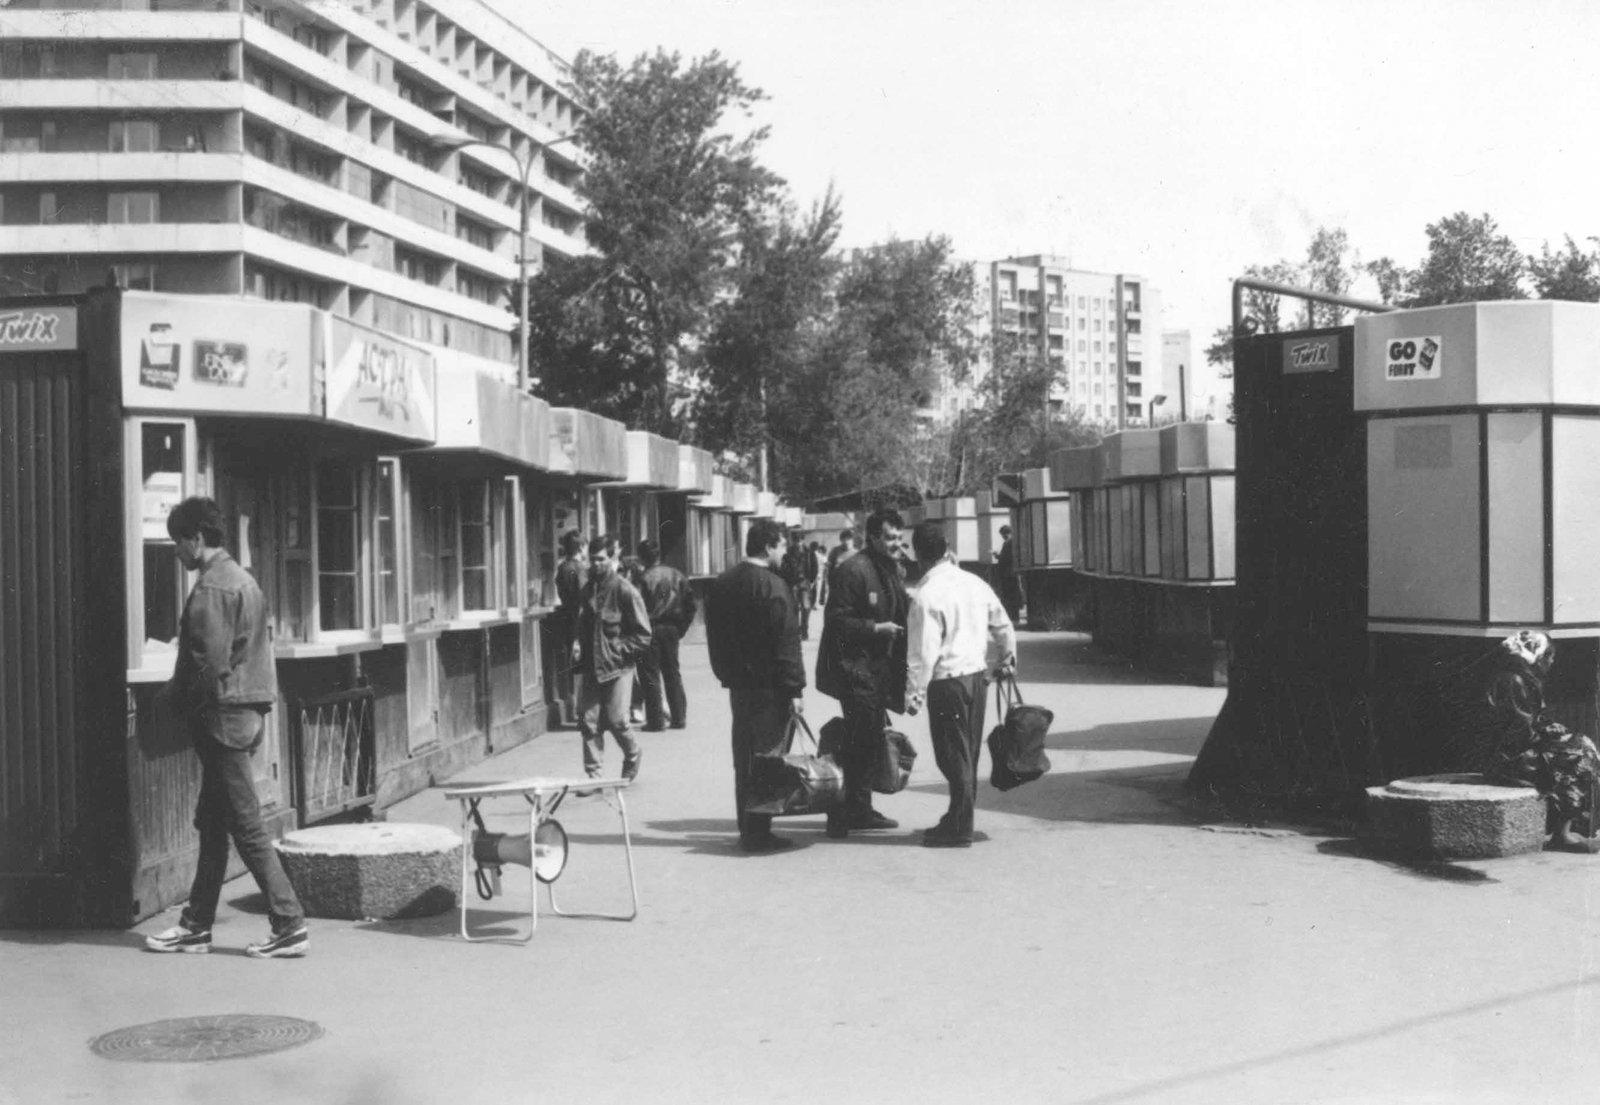 Коммерческие киоски на площади у Киевского вокзала. Автор В. Мариньо. 15 мая 1994 года. Главархив Москвы / Free / Официальный сайт мэра и правительства Москвы